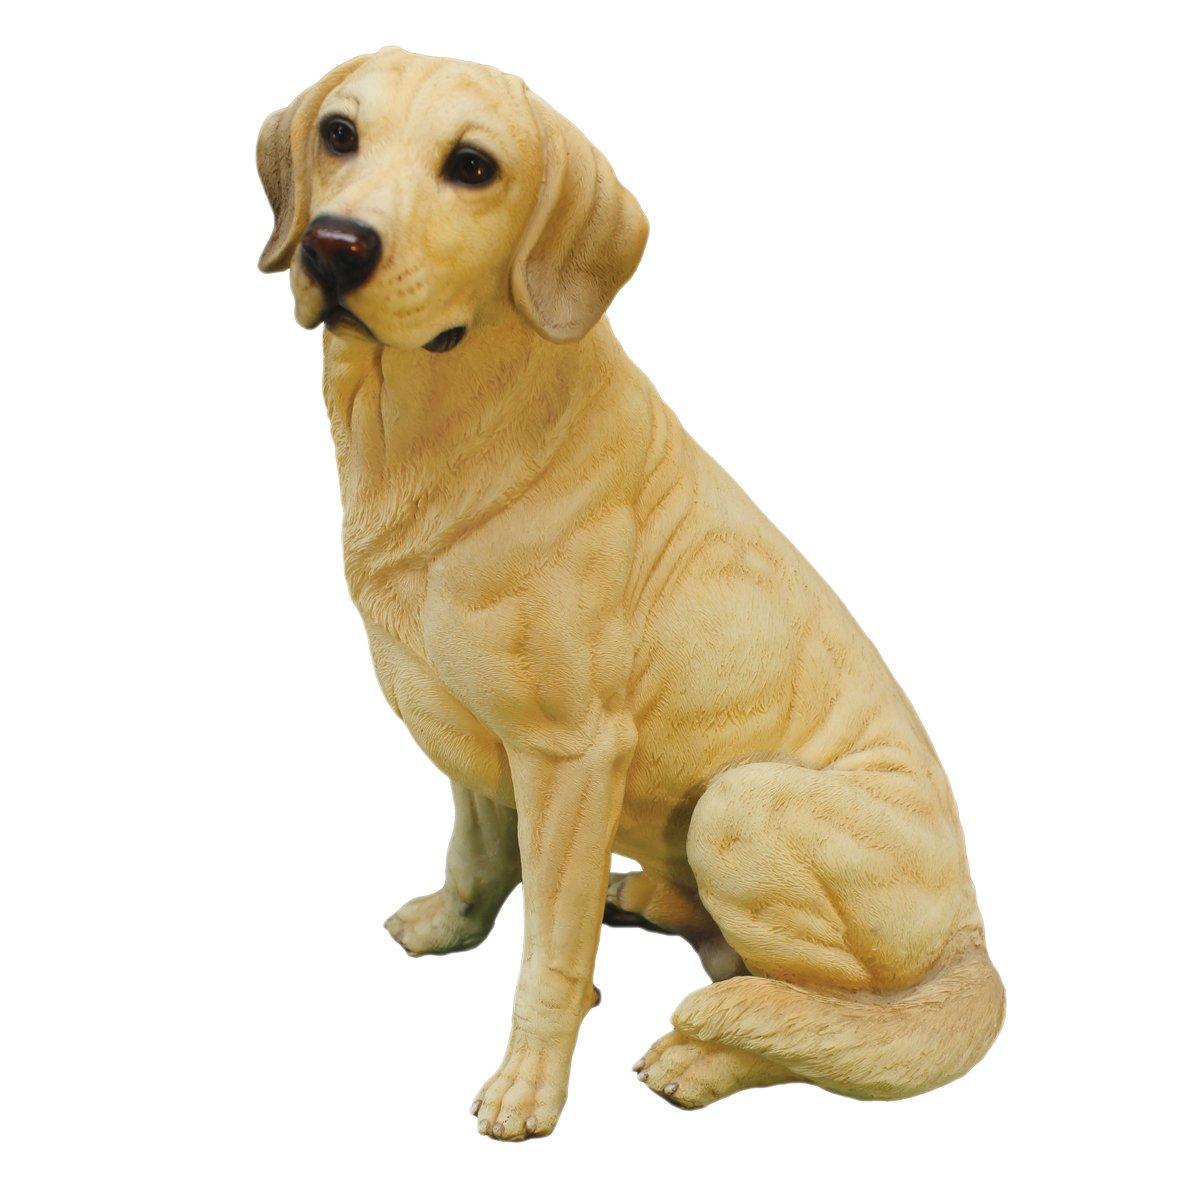 Design Toscano Golden Labrador Retriever Dog Garden Statue, 15 Inch, Polyresin, Yellow